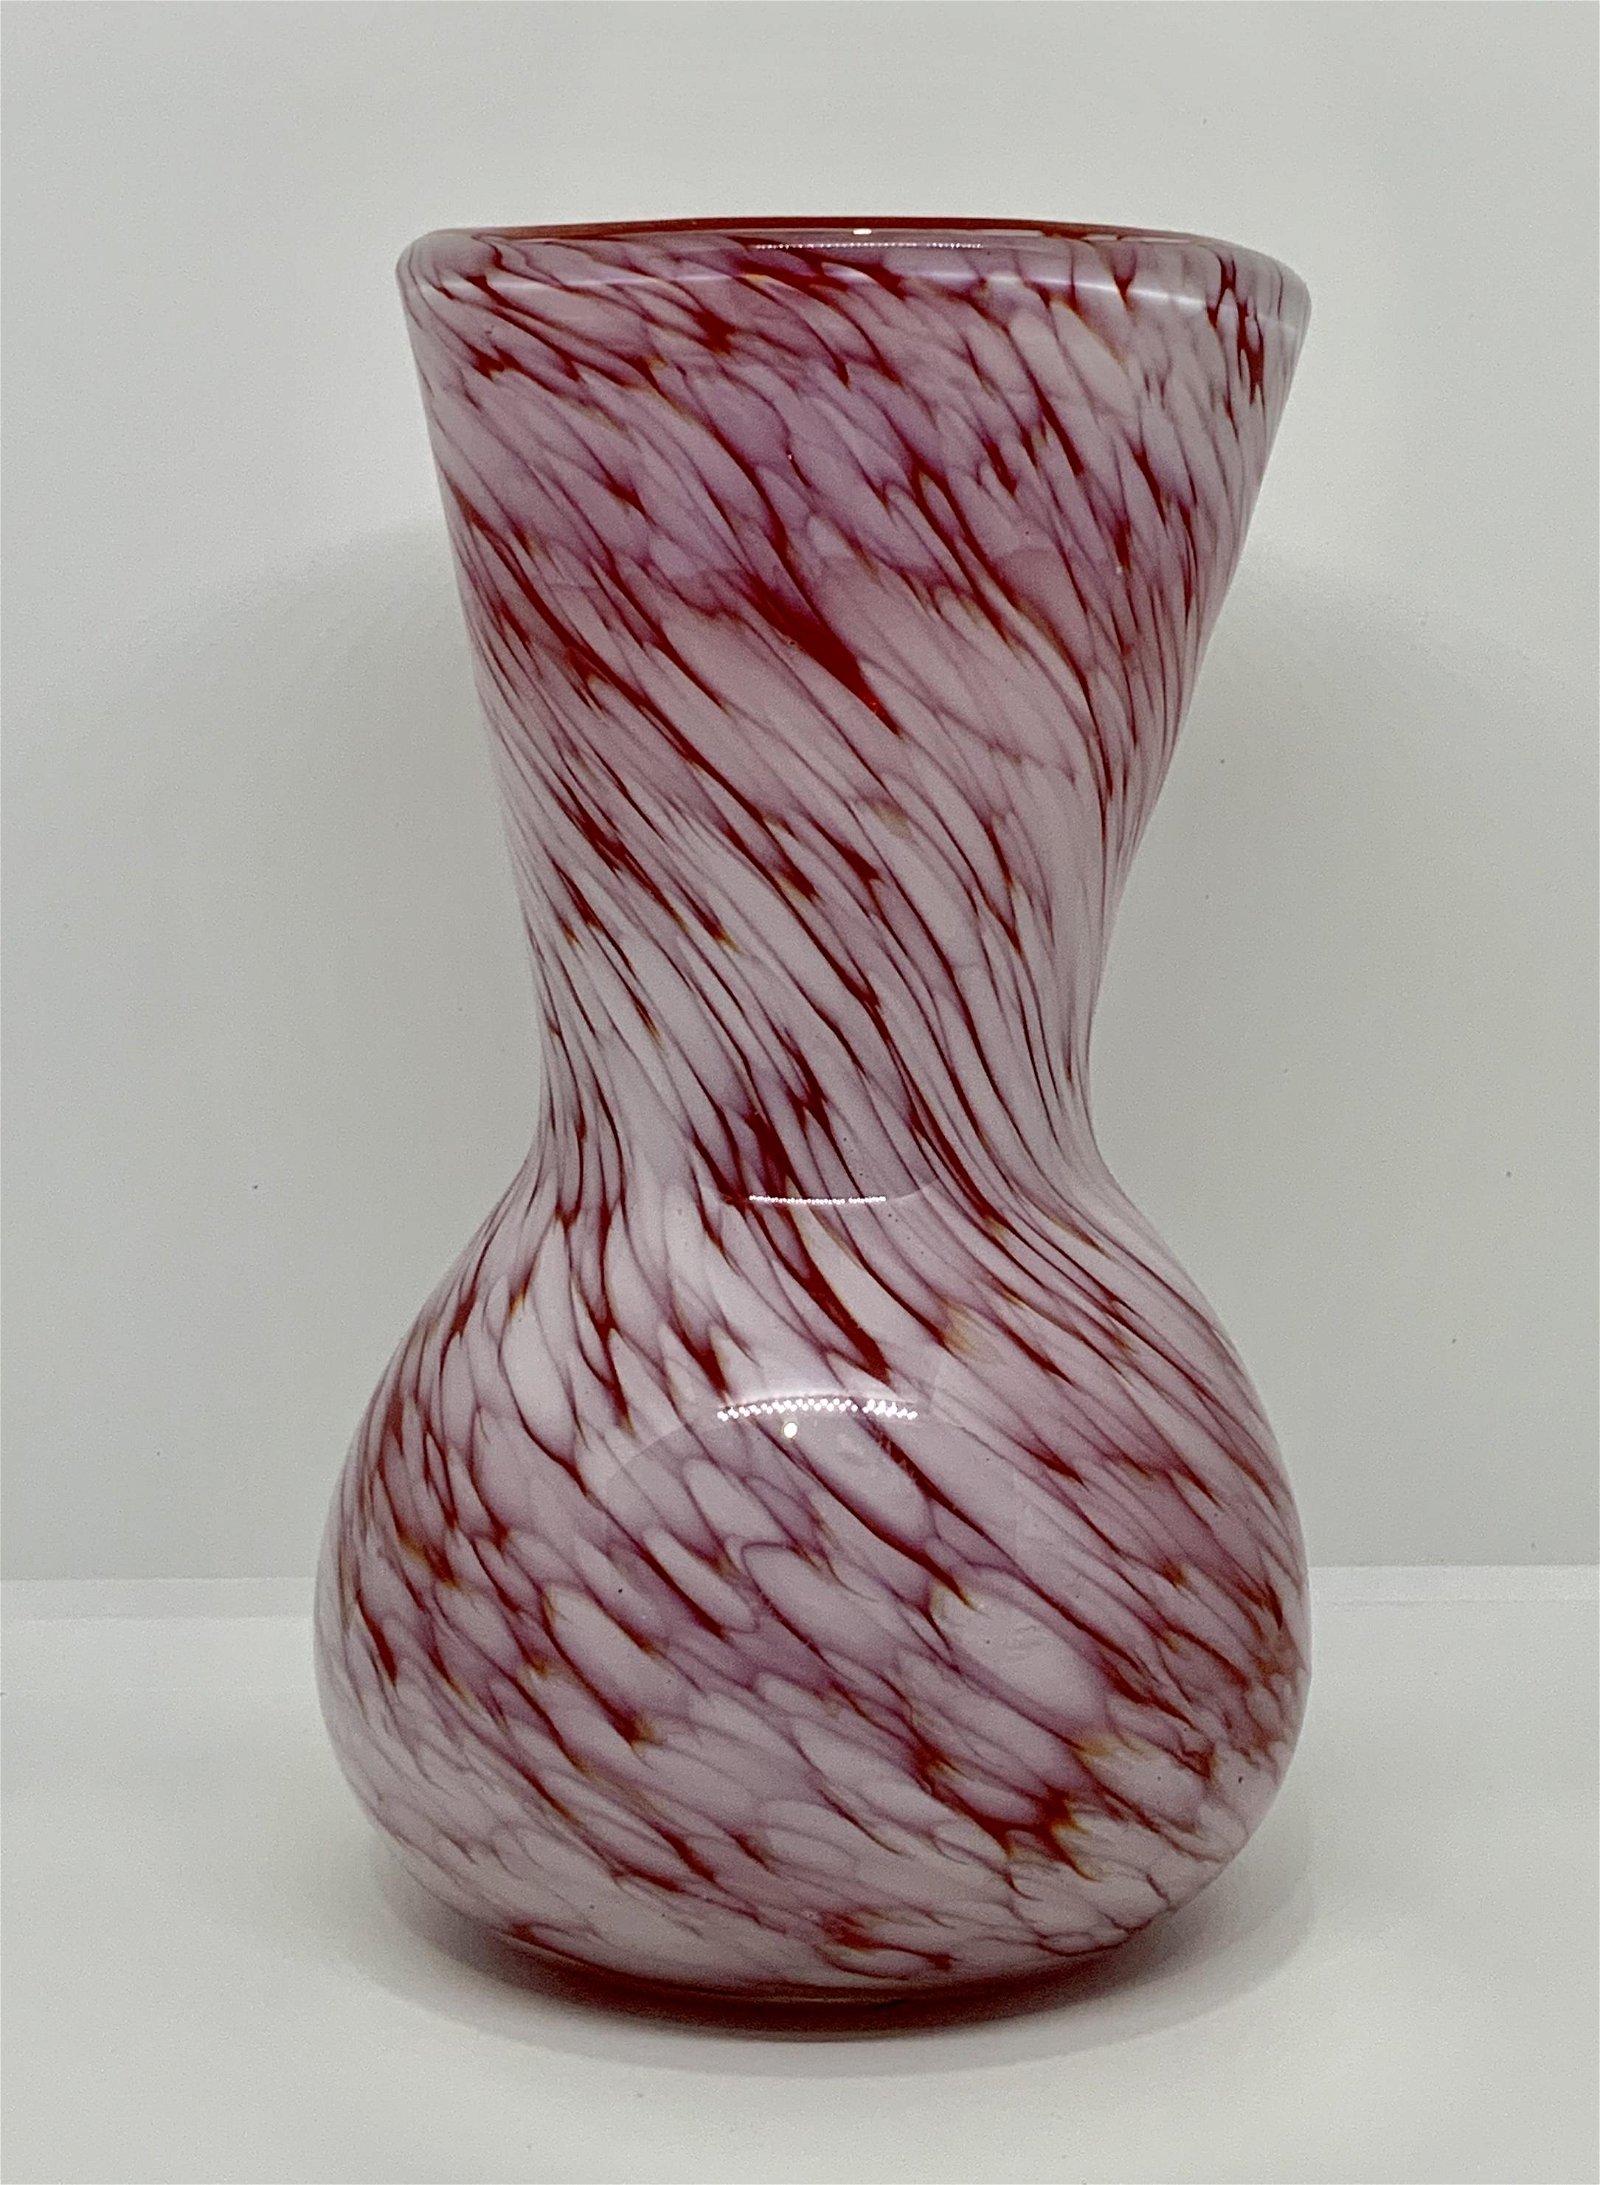 VINTAGE MURANO ART GLASS VASE